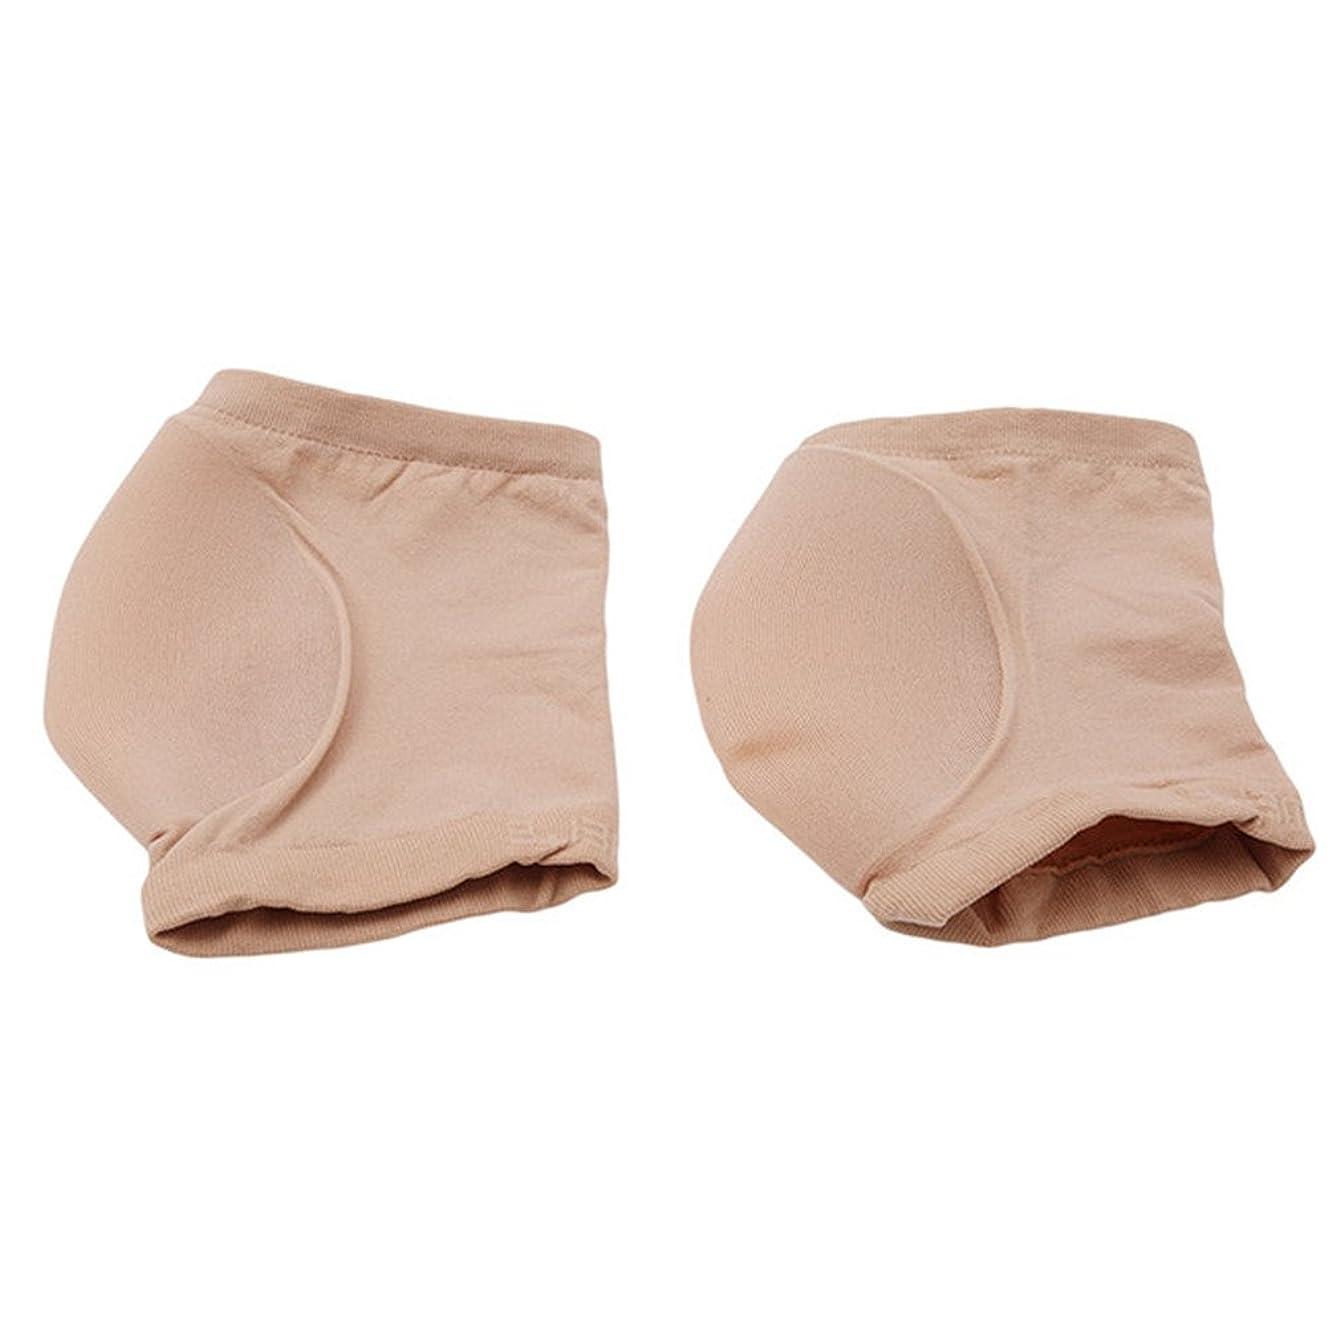 ライナー経度海峡HKUN 靴下 ソックス かかとケア 角質ケア 保湿 角質除去 足首用 洗える メンズ レディース S-L